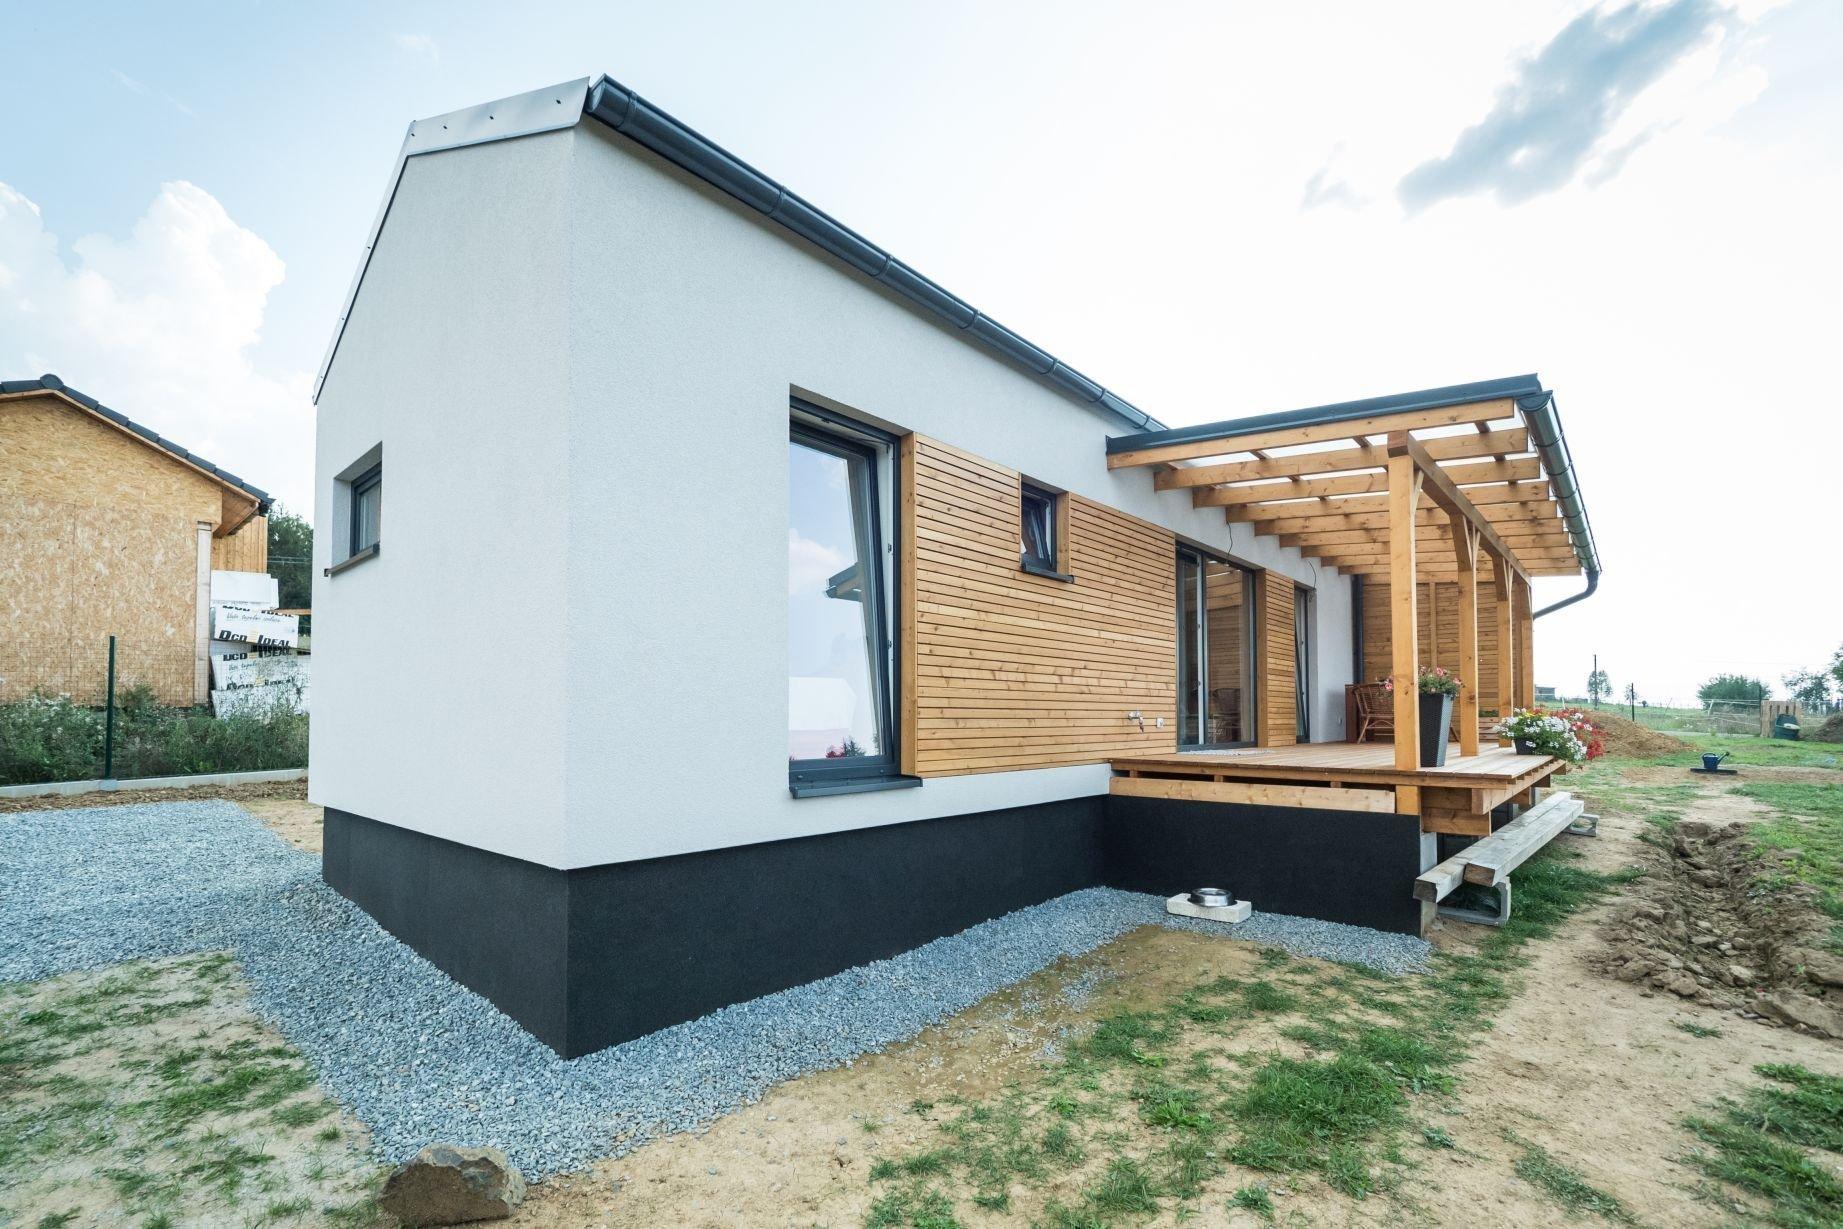 Dřevostavba EASY 48 s terasou a pergolou dokončená letos v létě. Kombinace bílé fasády, antracitové střechy a oken a obkladu ze sibiřského modřínu s…